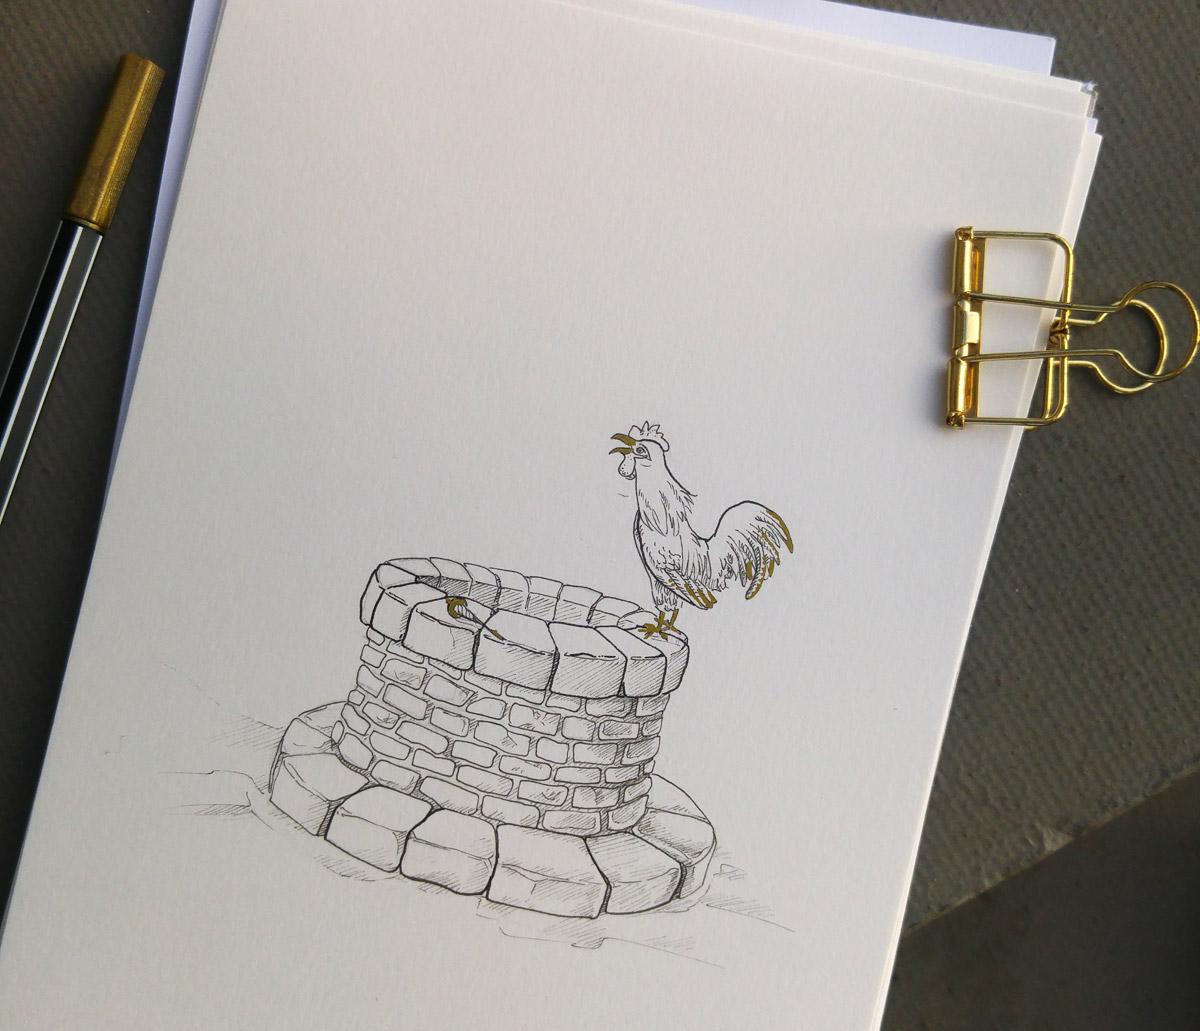 """""""Kickericki unsre Goldmarie ist wieder hie!"""" so empfing der Hahn auf dem Brunnen, das Mädchen nachdem es von Frau Holle reich entlohnt zurück kehrte."""